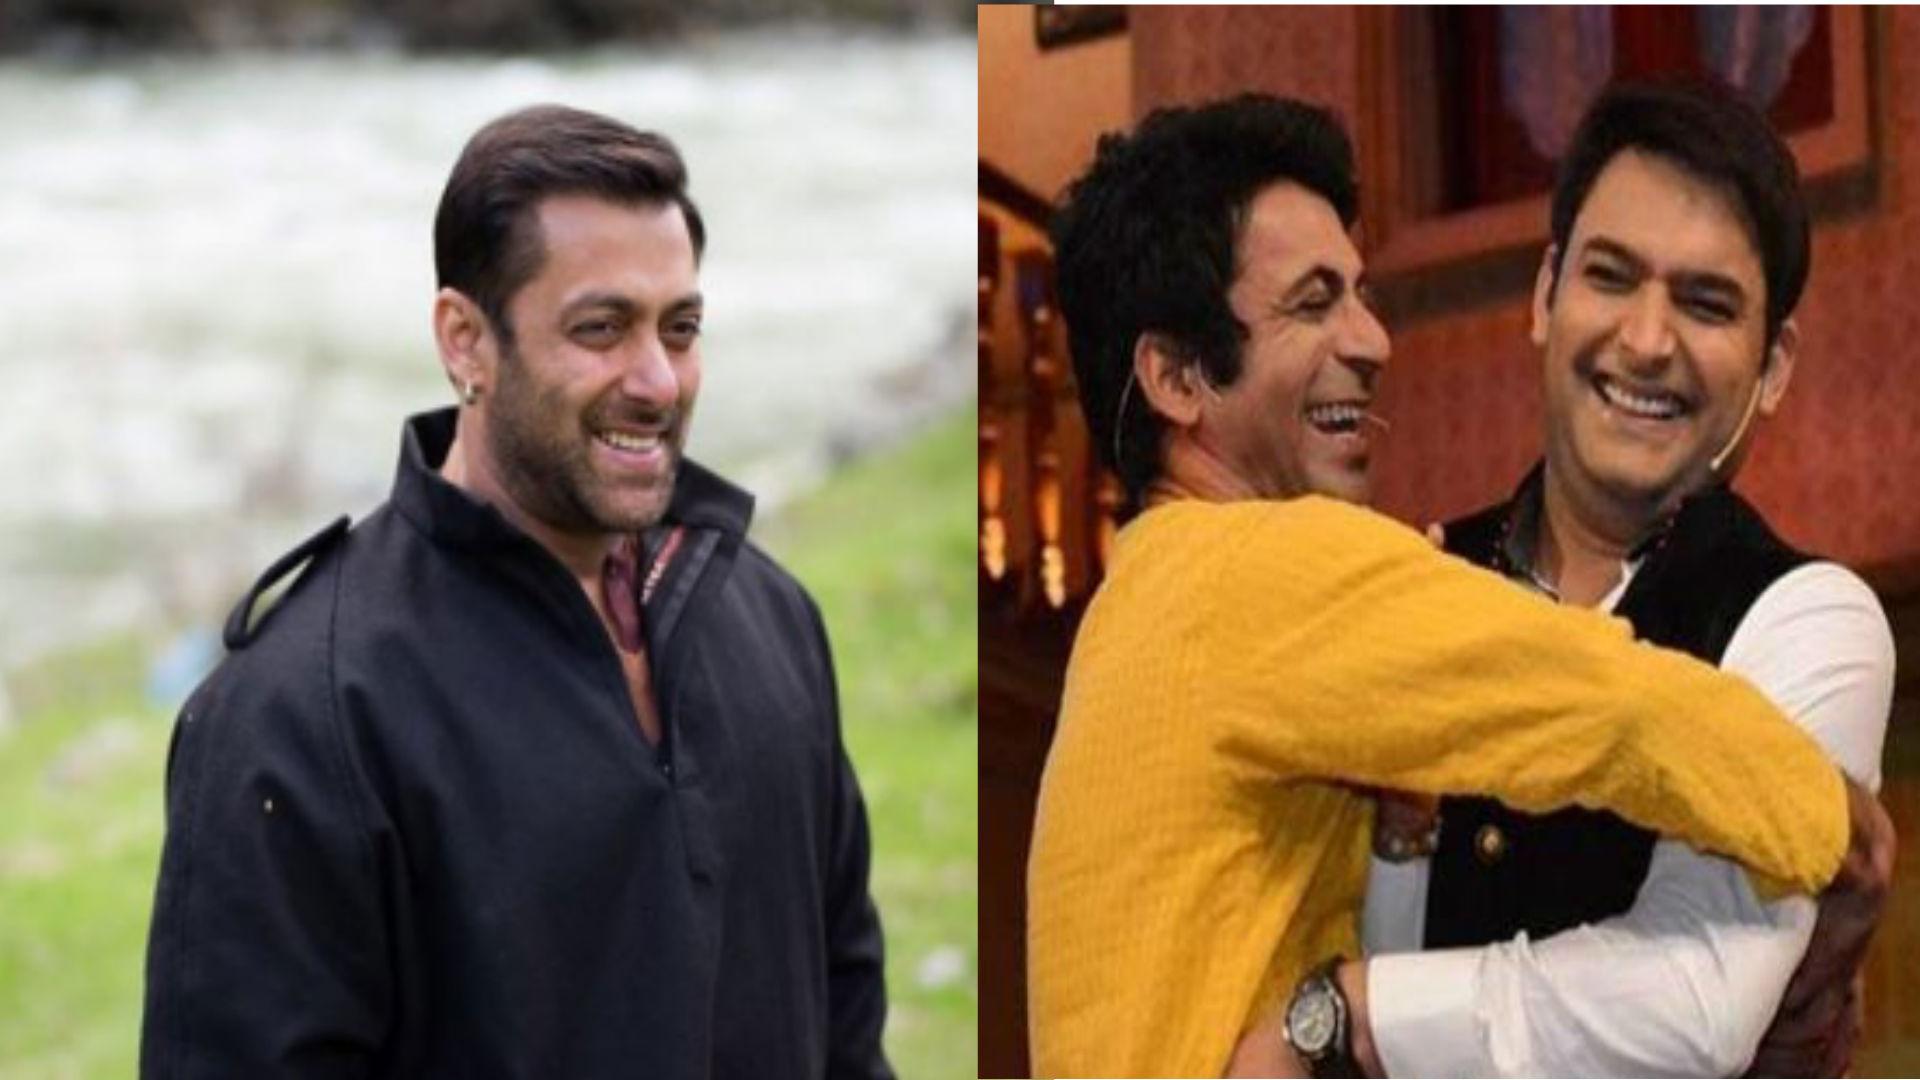 कपिल शर्मा के साथ फिर नजर आ सकते हैं सुनील ग्रोवर, सलमान खान ने निकला ये अनोखा जुगाड़